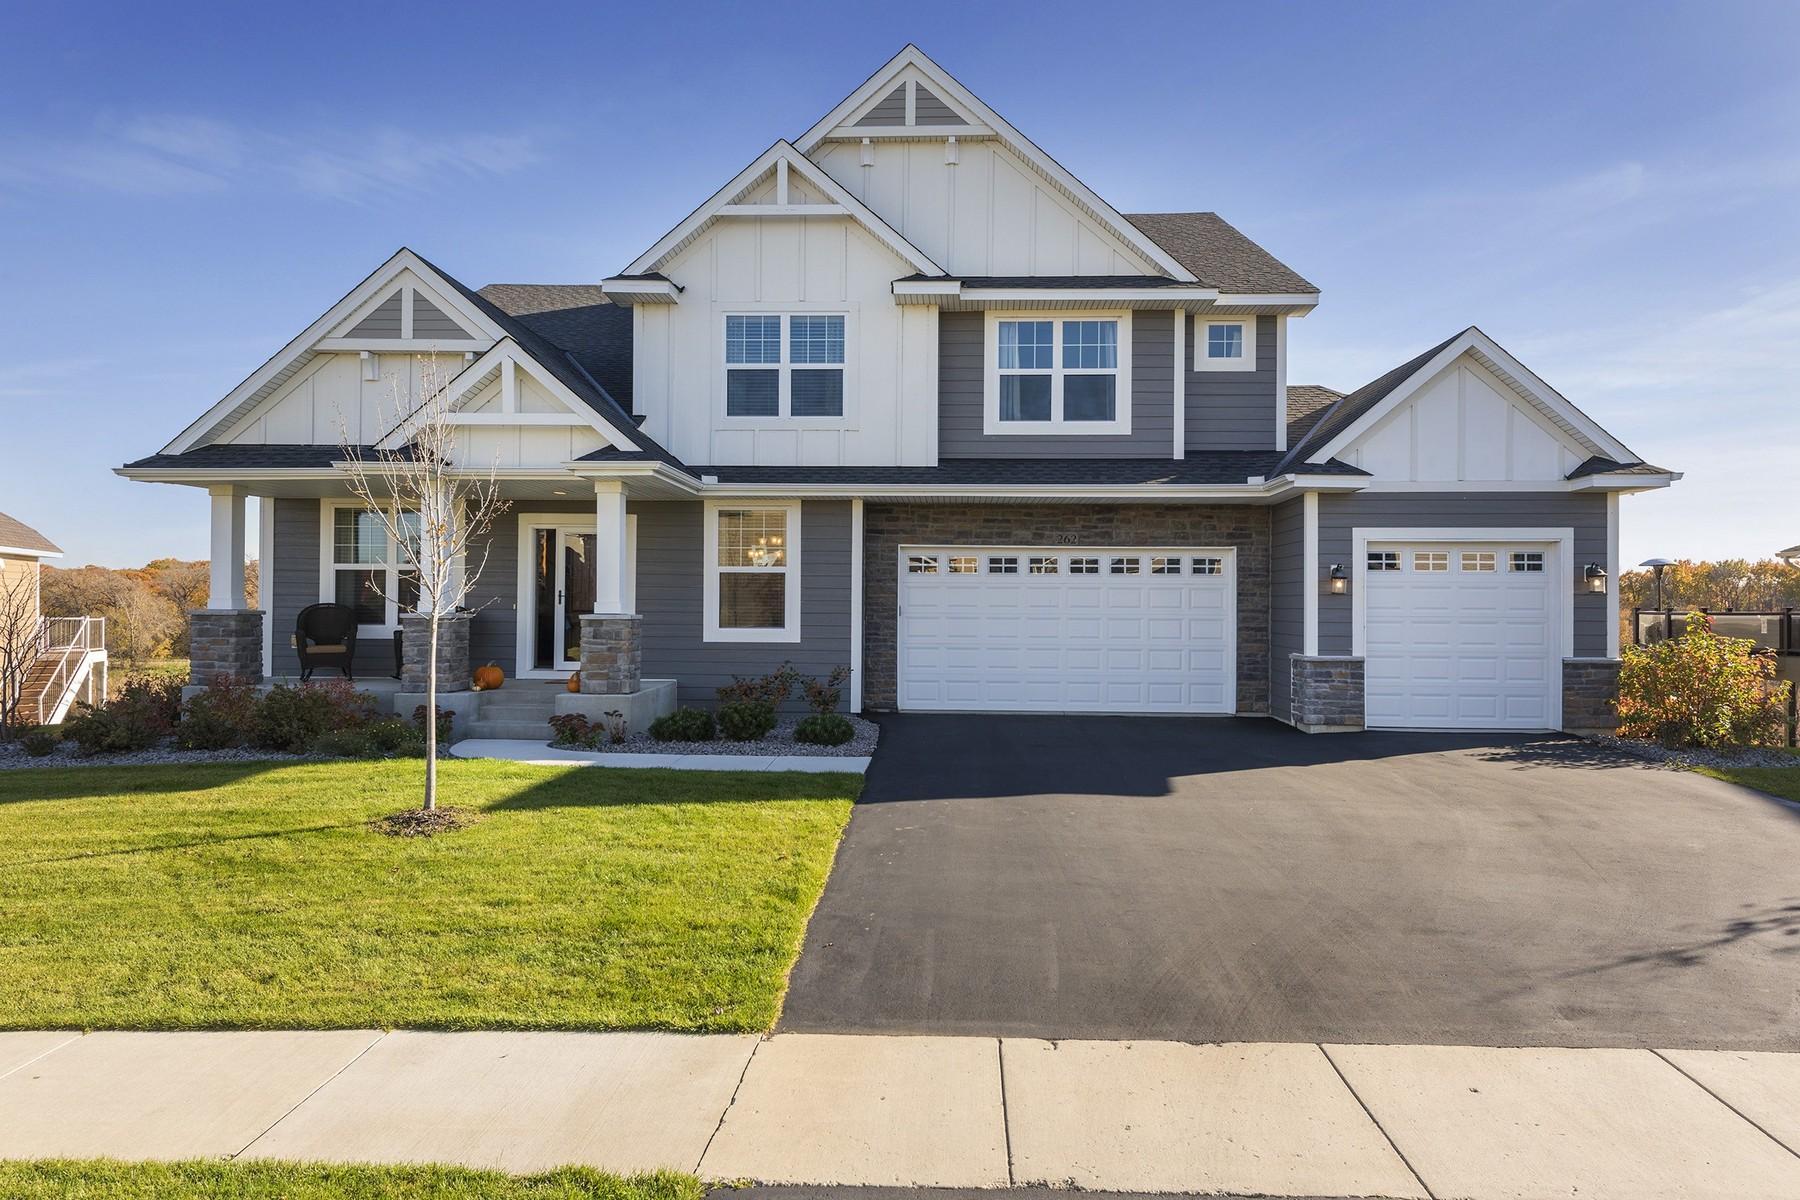 Maison unifamiliale pour l Vente à 262 Lakeview Road E Chanhassen, Minnesota 55317 États-Unis